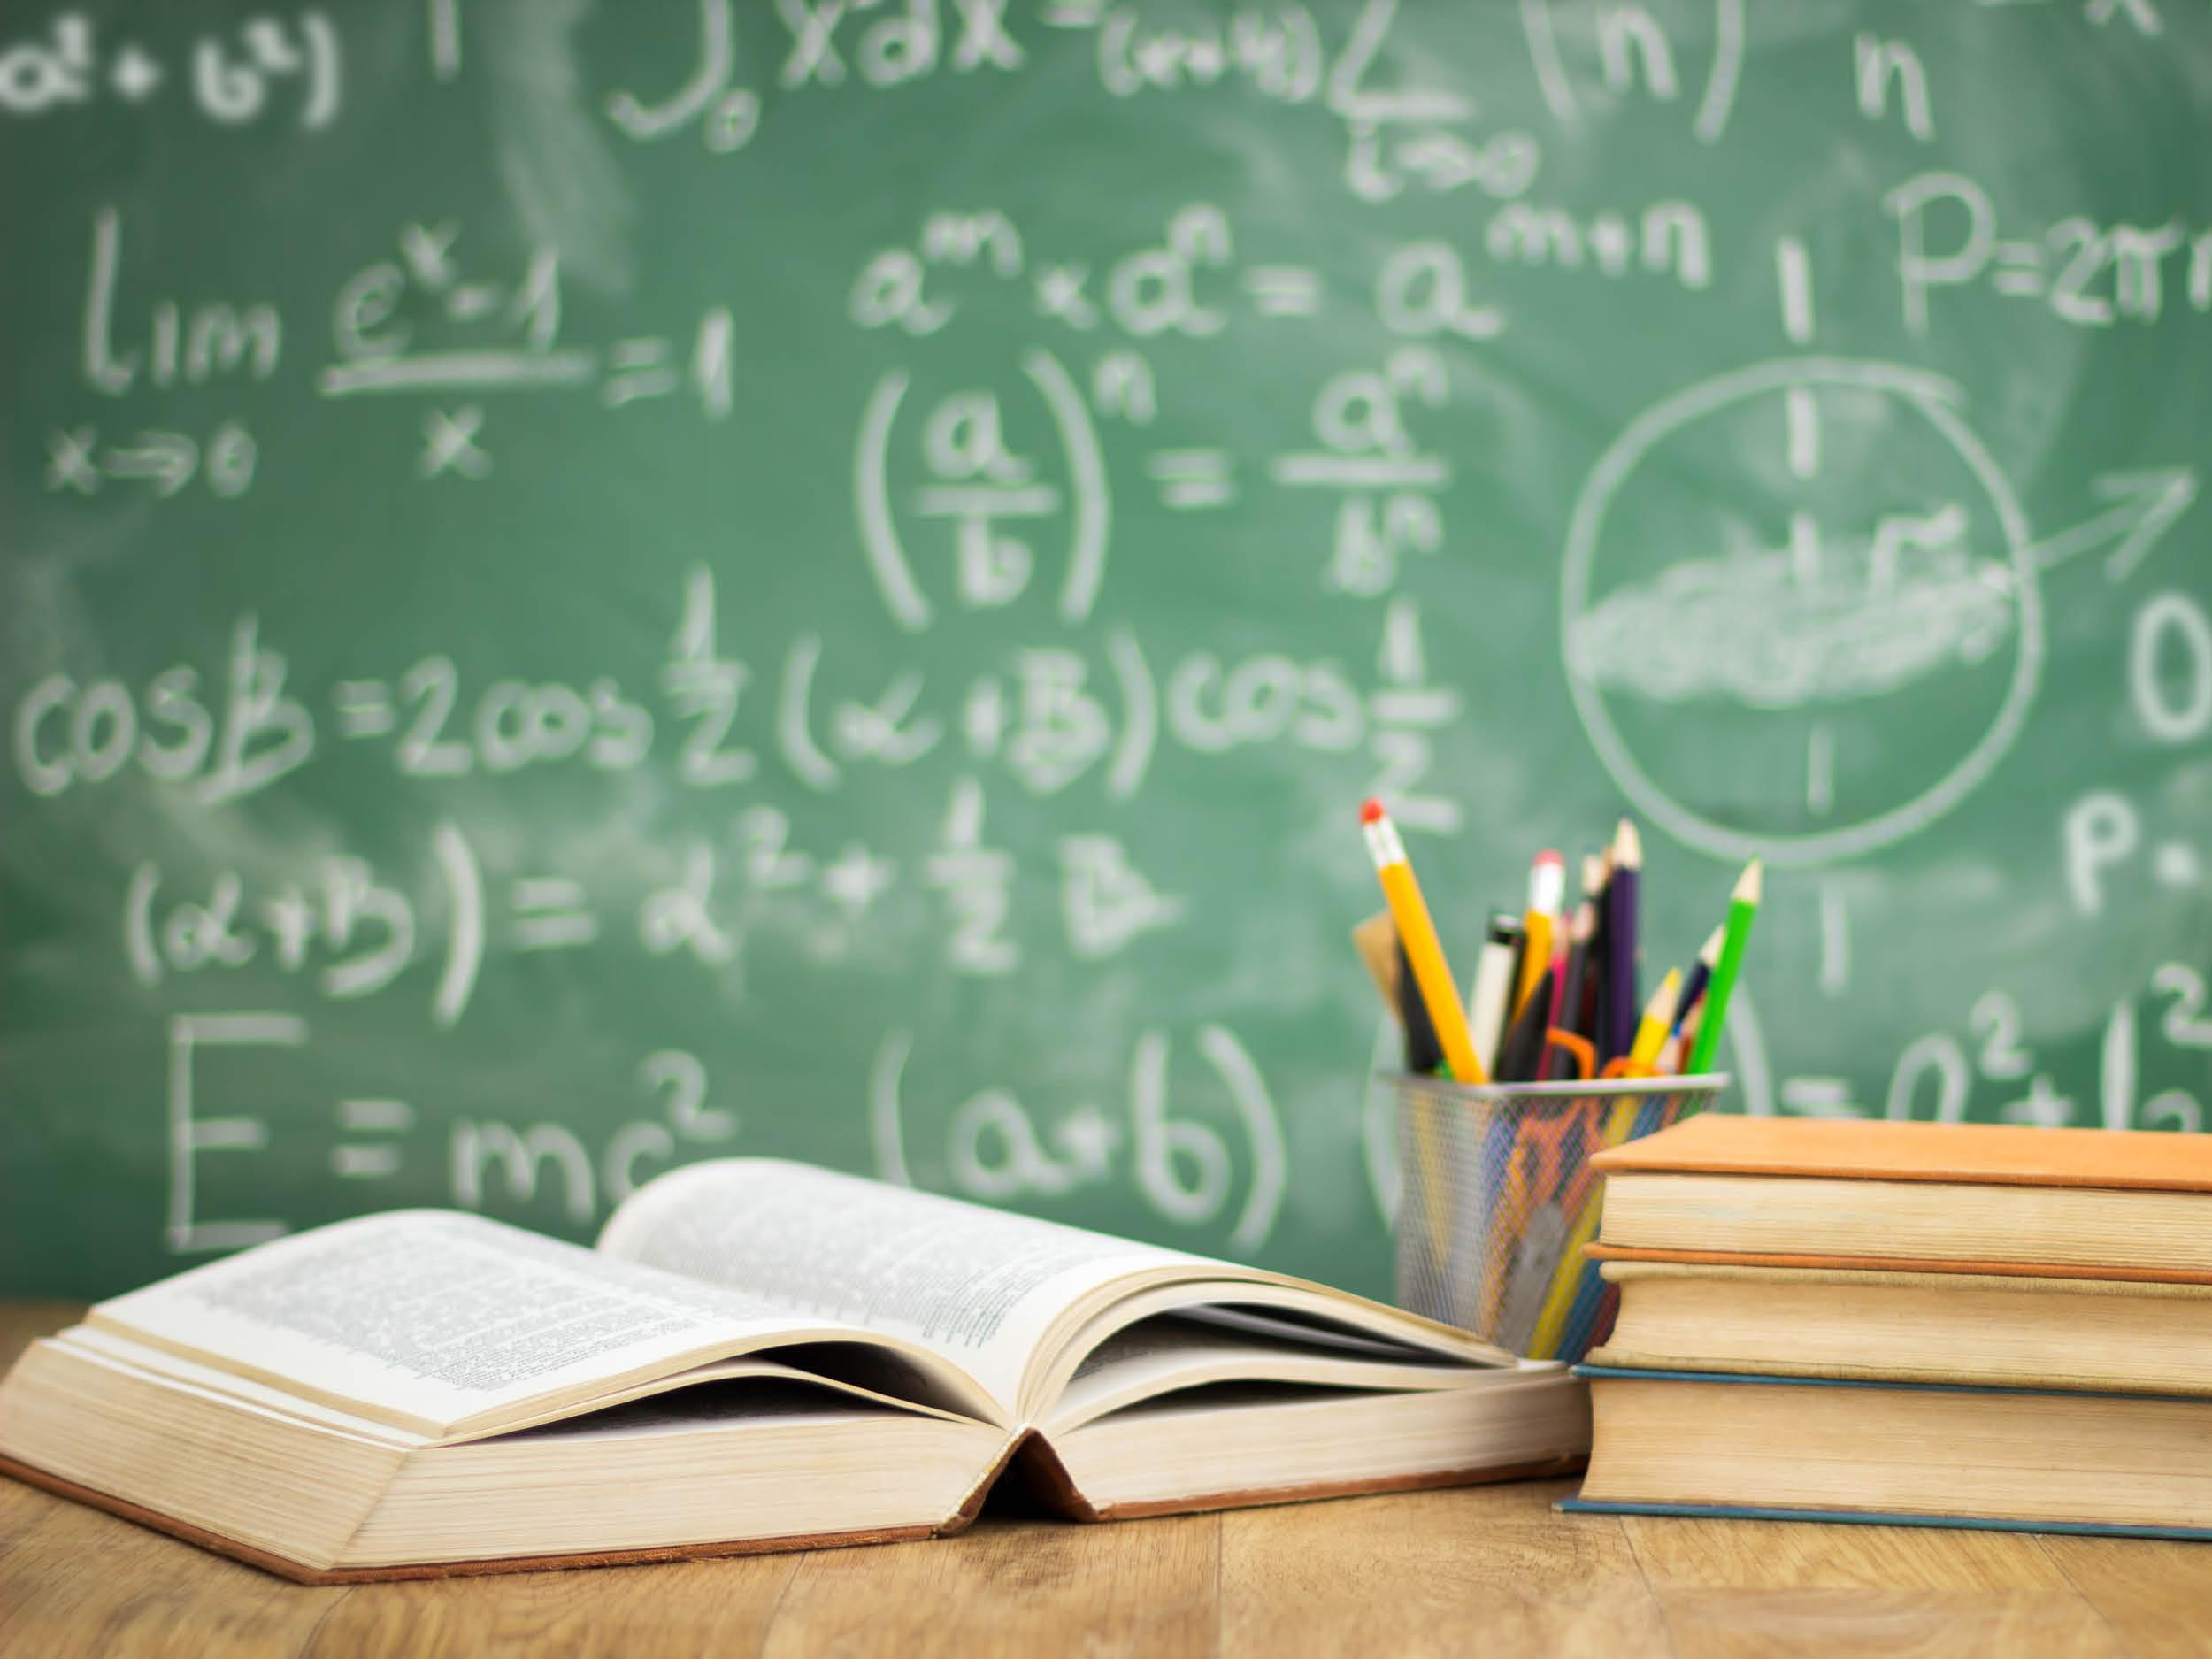 Schulausschuss beschließt Änderungen zum Schulgesetz